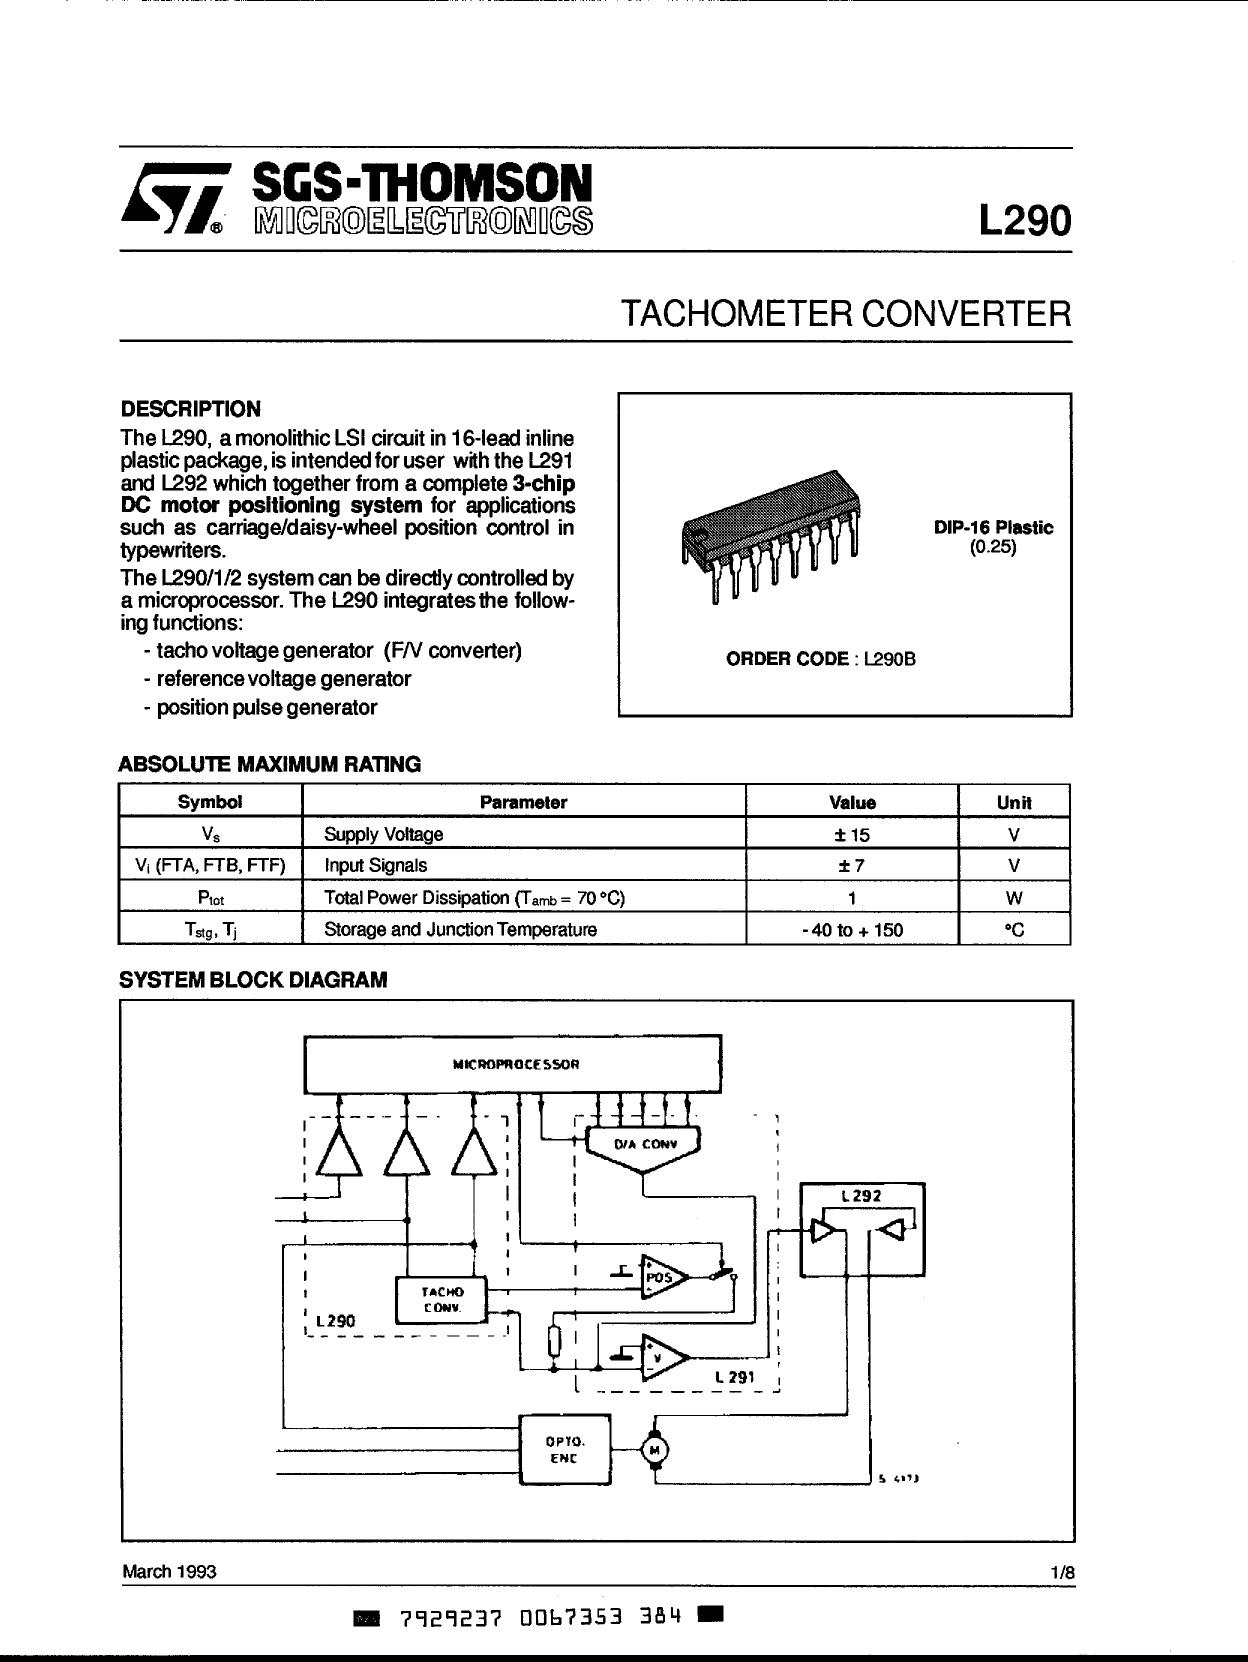 L-290 Hoja de datos, Descripción, Manual